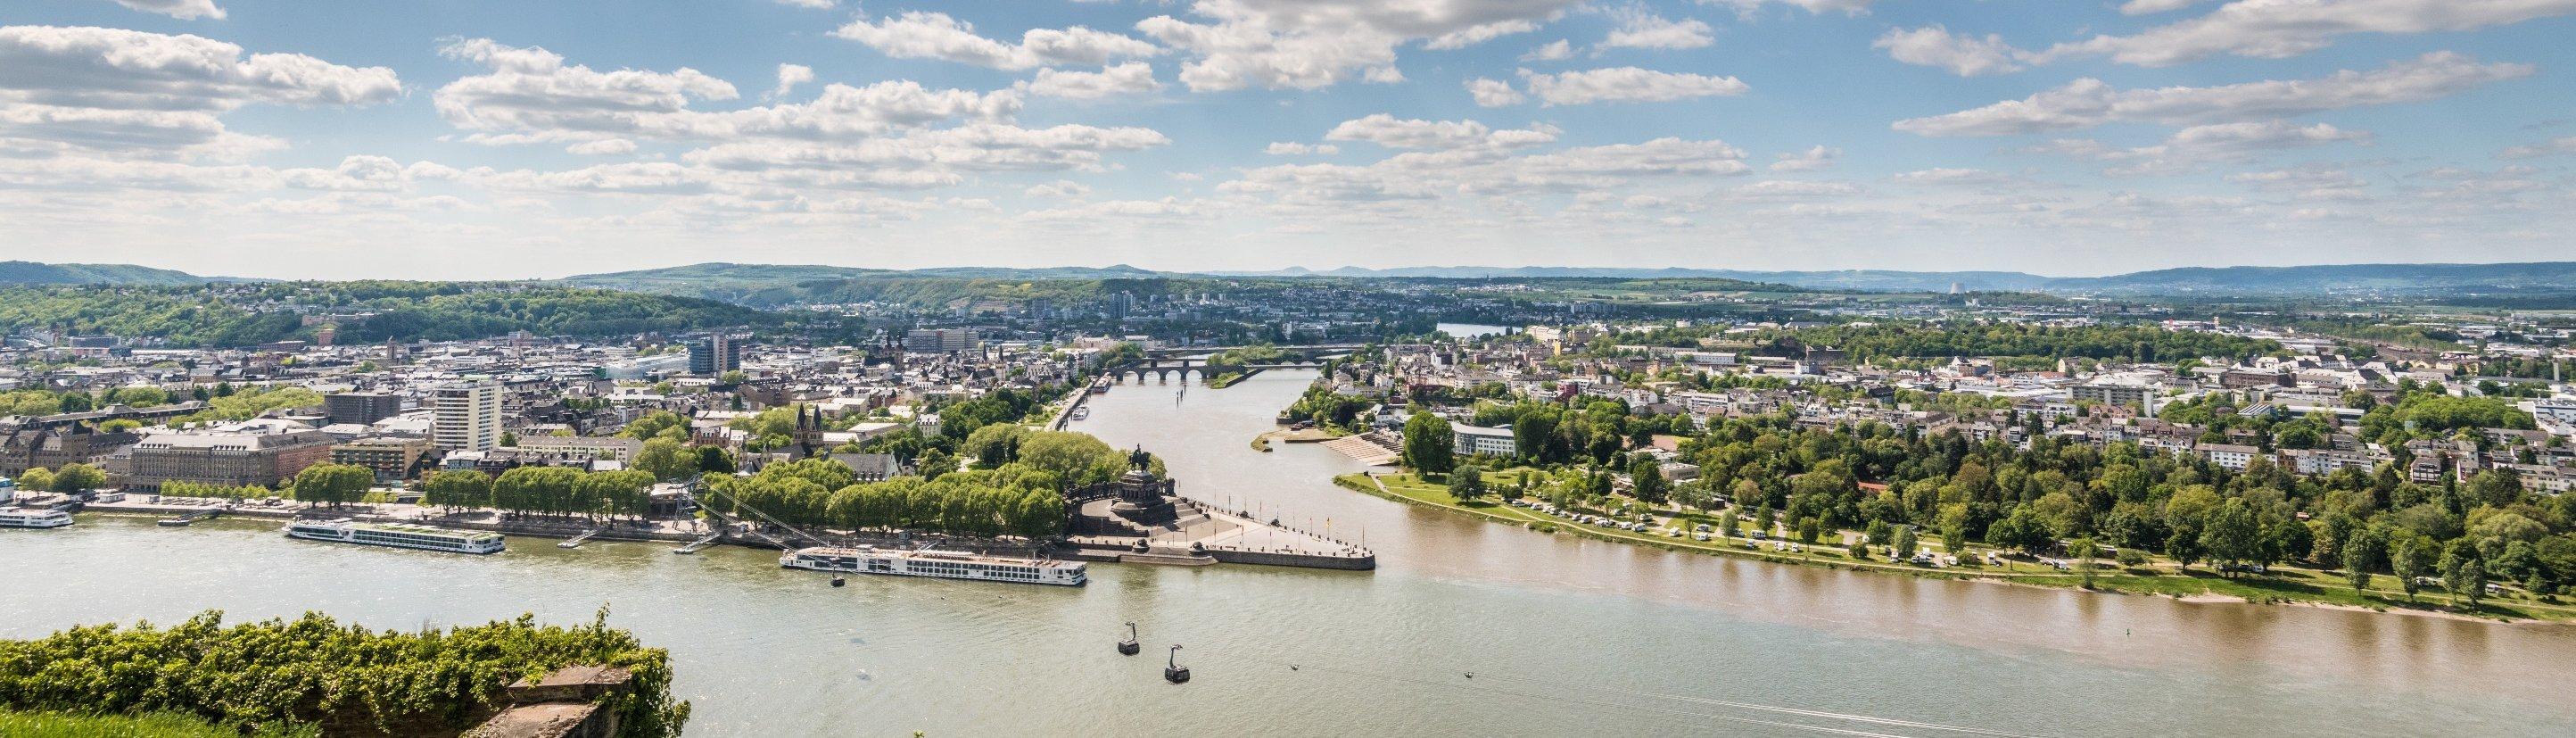 Aussicht auf das Deutsche Eck in Koblenz, Romantischer Rhein